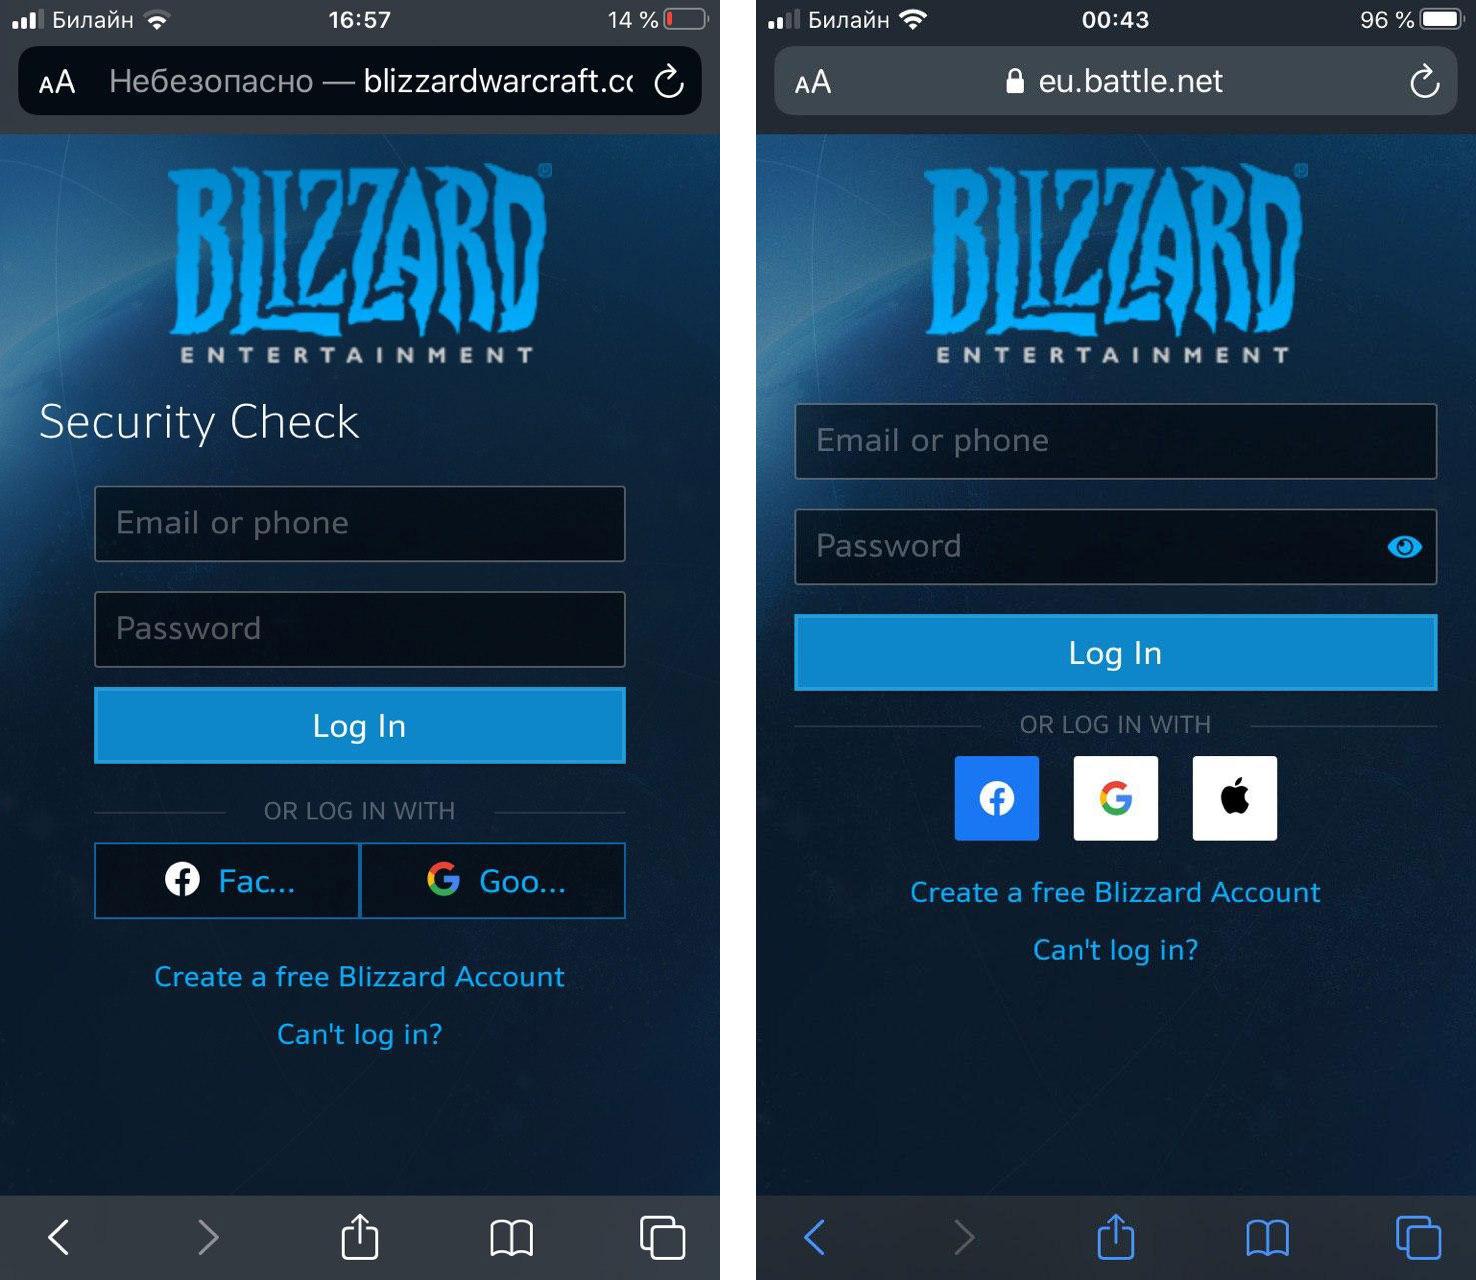 Comparação do site falso da Blizzard com o real